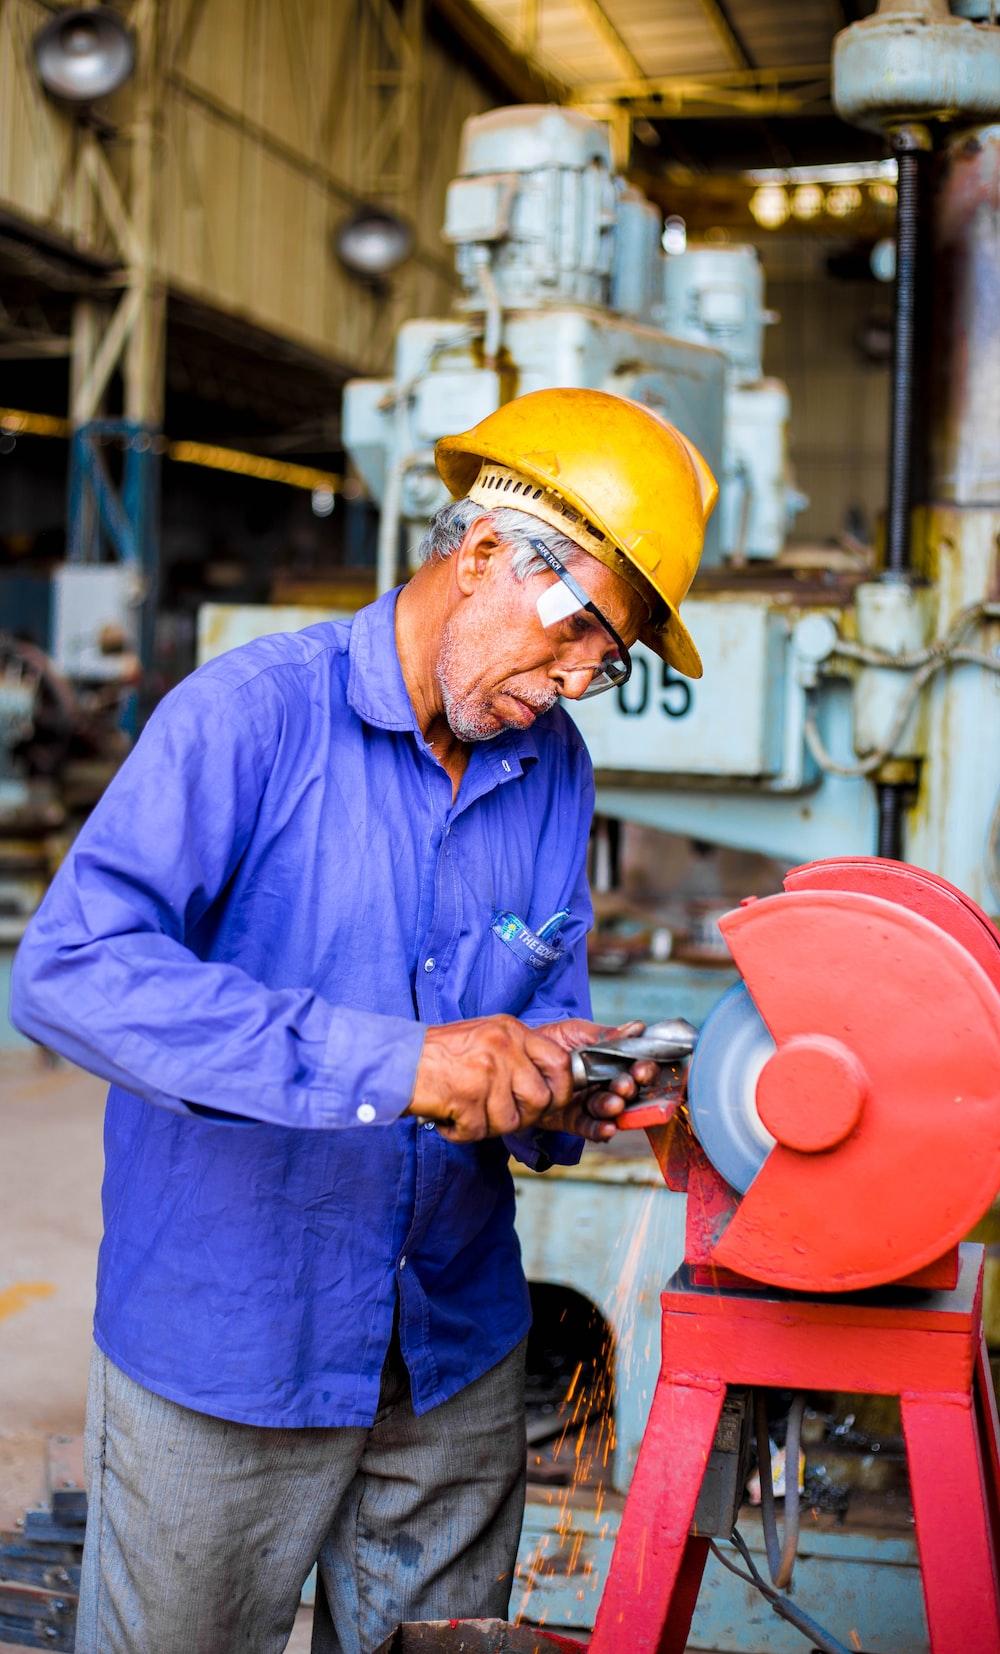 man grinding metal tool in industrial machinery